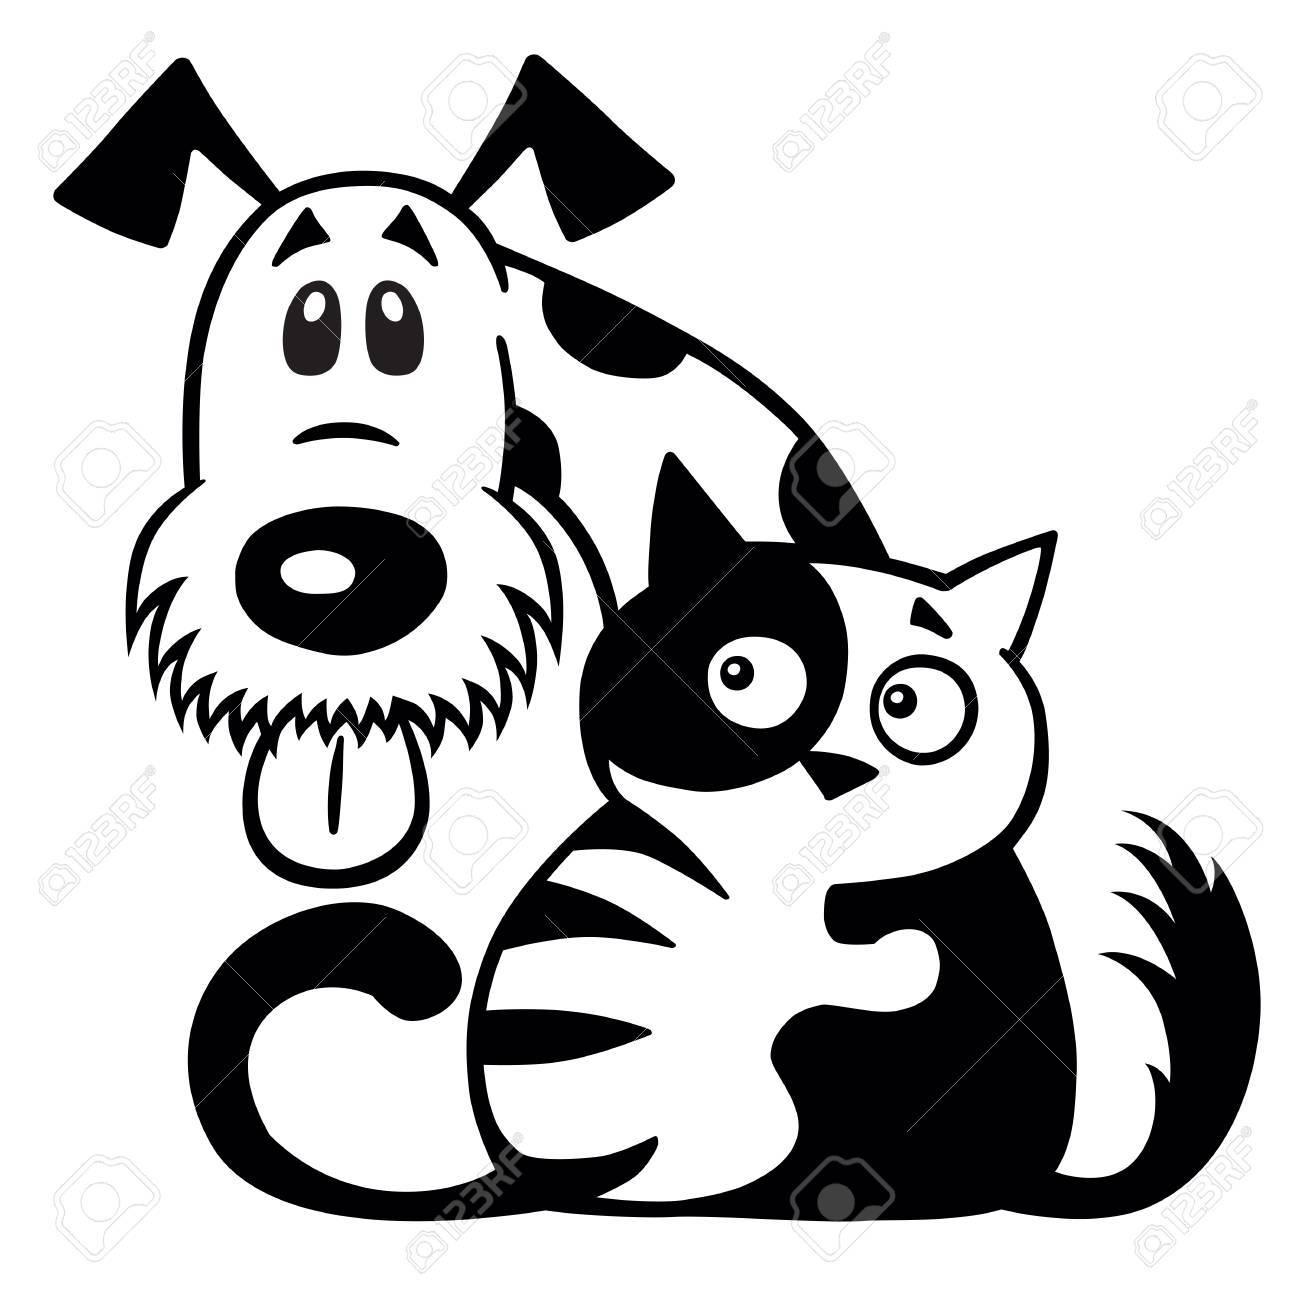 Dibujos Animados De Pequeño Gato Abrazando A Su Perro Amigo Mascotas Amistad Logotipo Blanco Y Negro